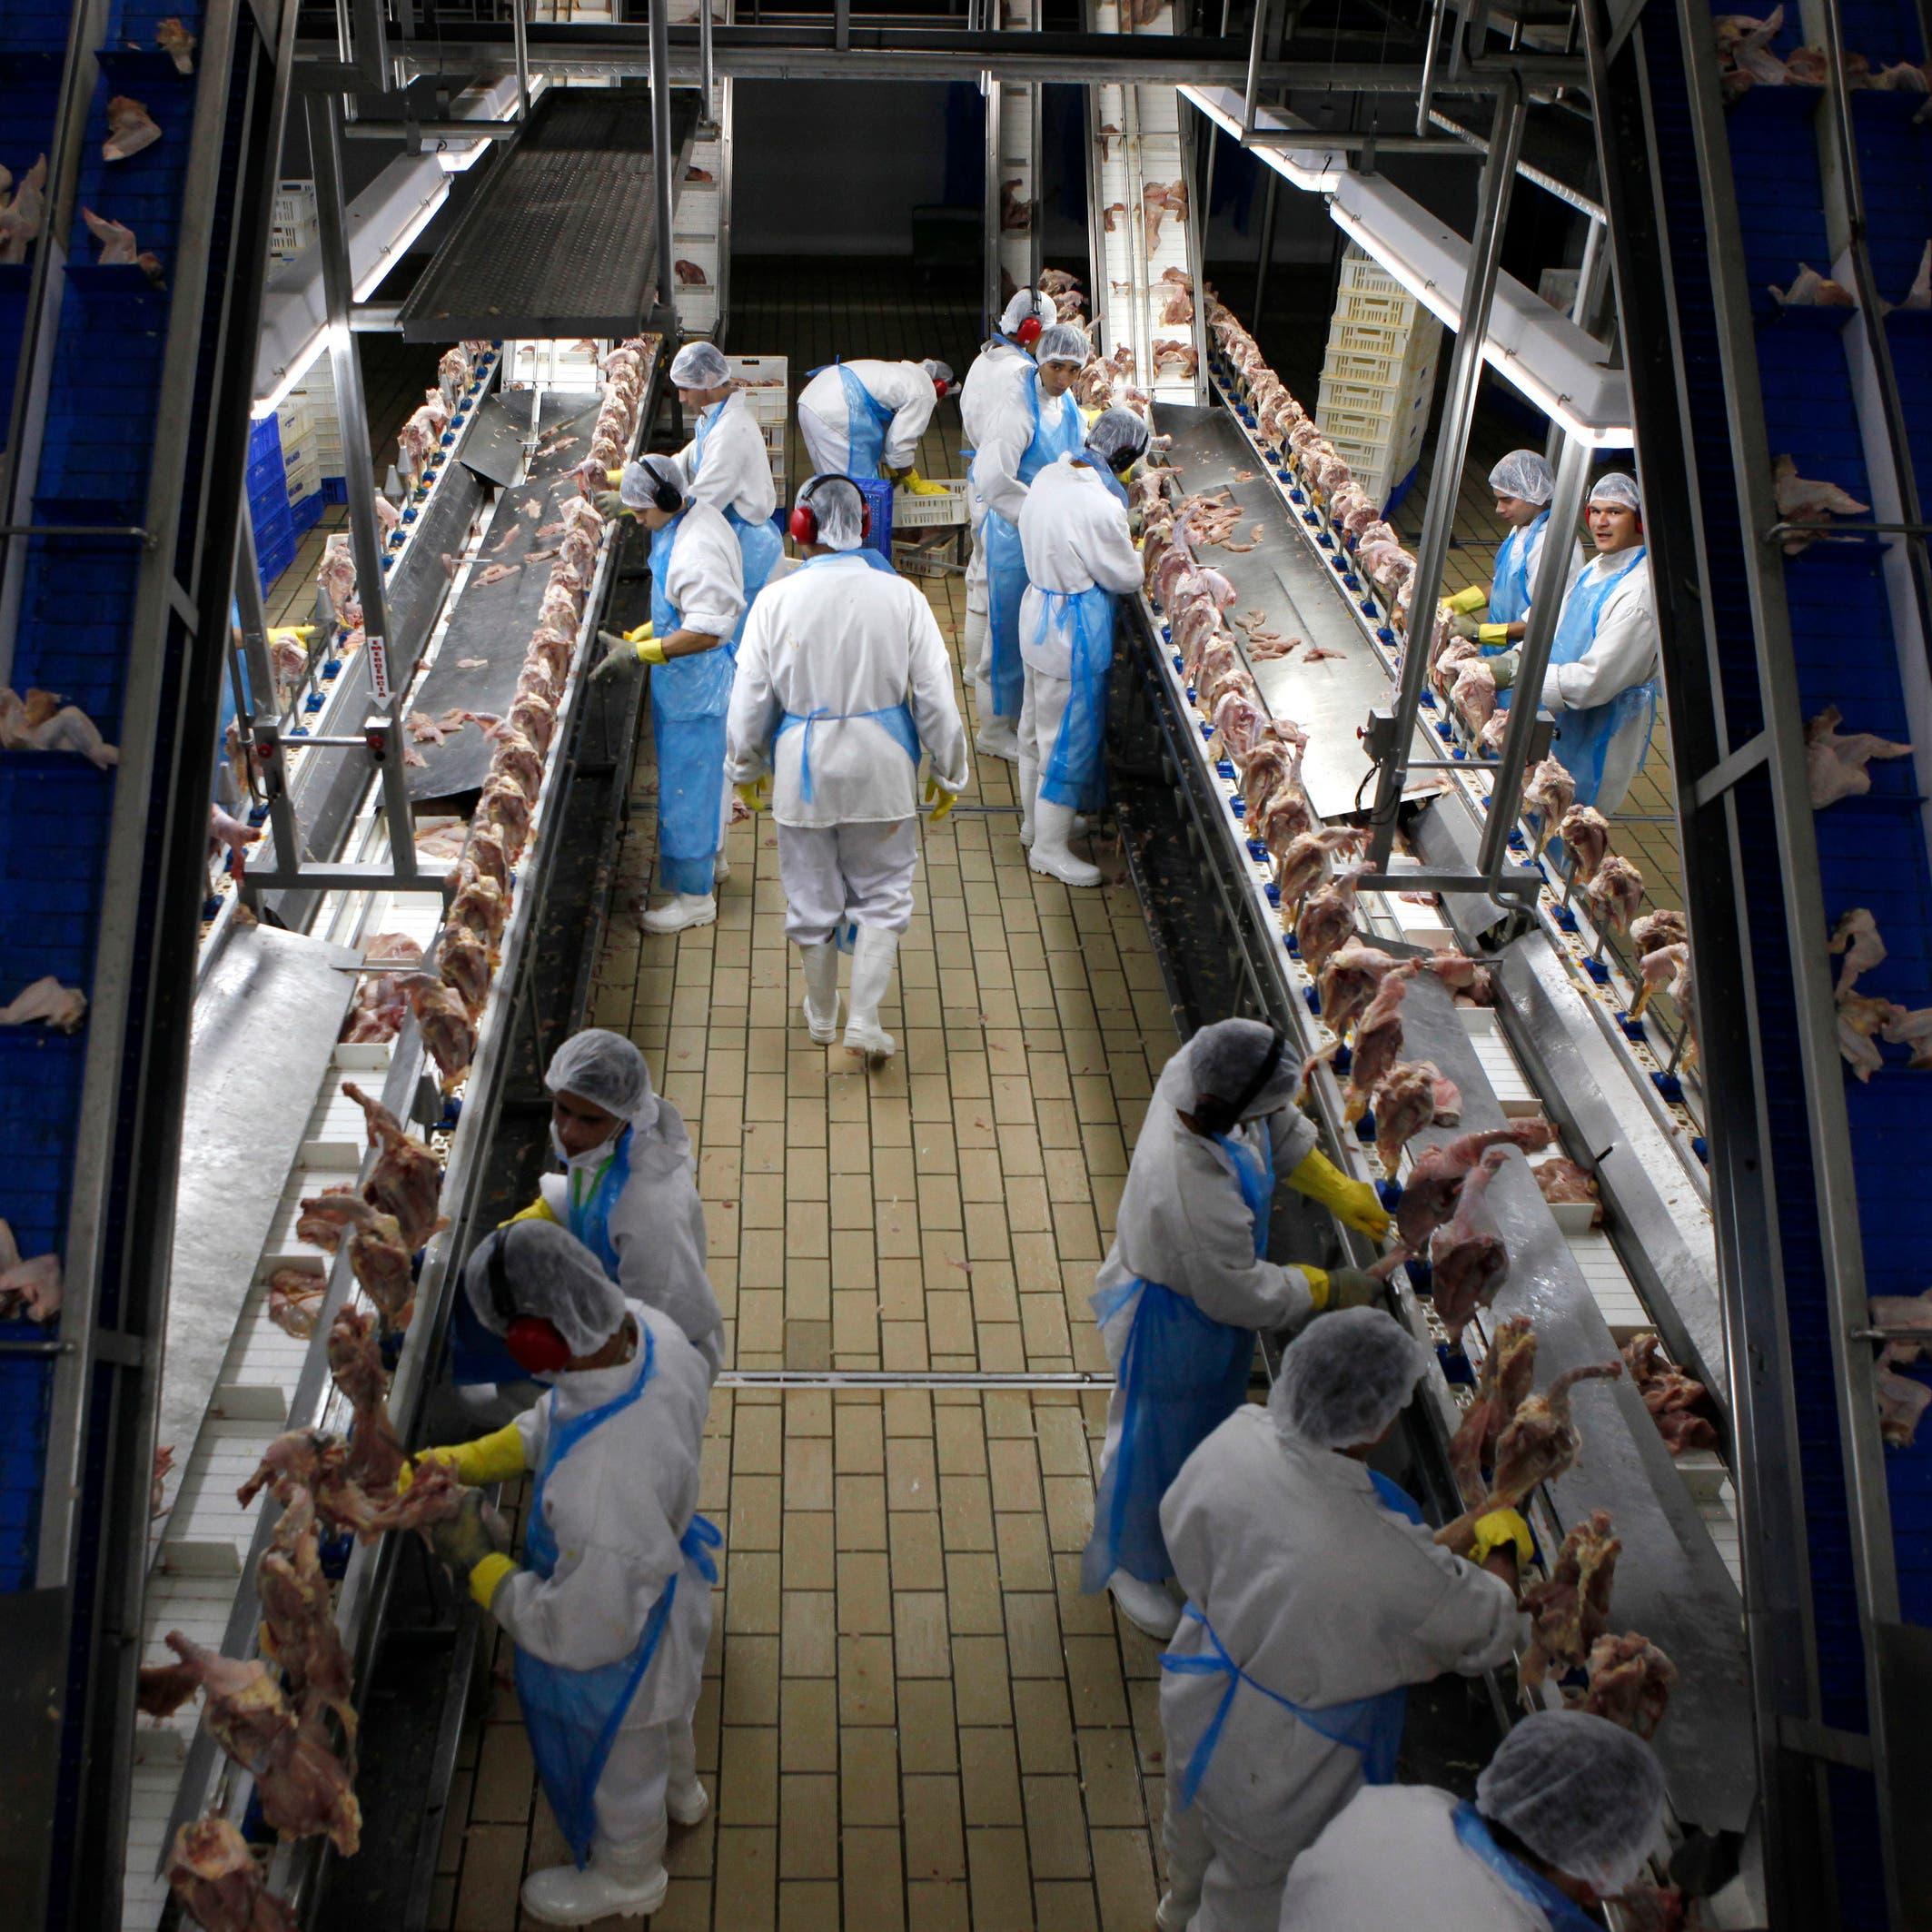 في خطوة مفاجئة.. السعودية تحظر الاستيراد من مصانع للدواجن في البرازيل